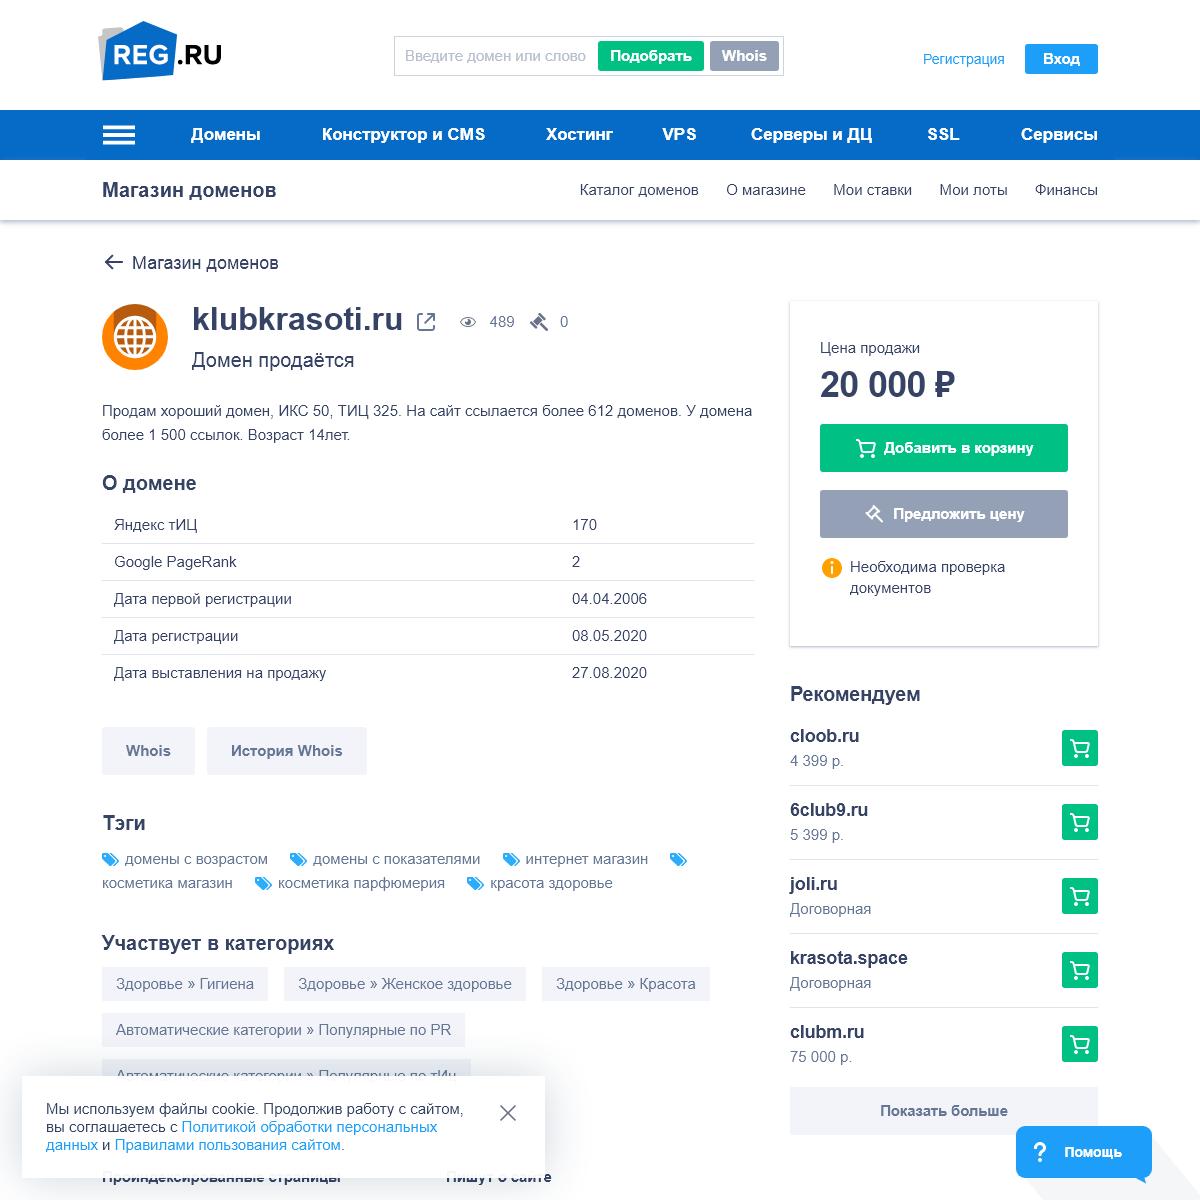 Домен klubkrasoti.ru- купить в магазине доменных имен REG.RU